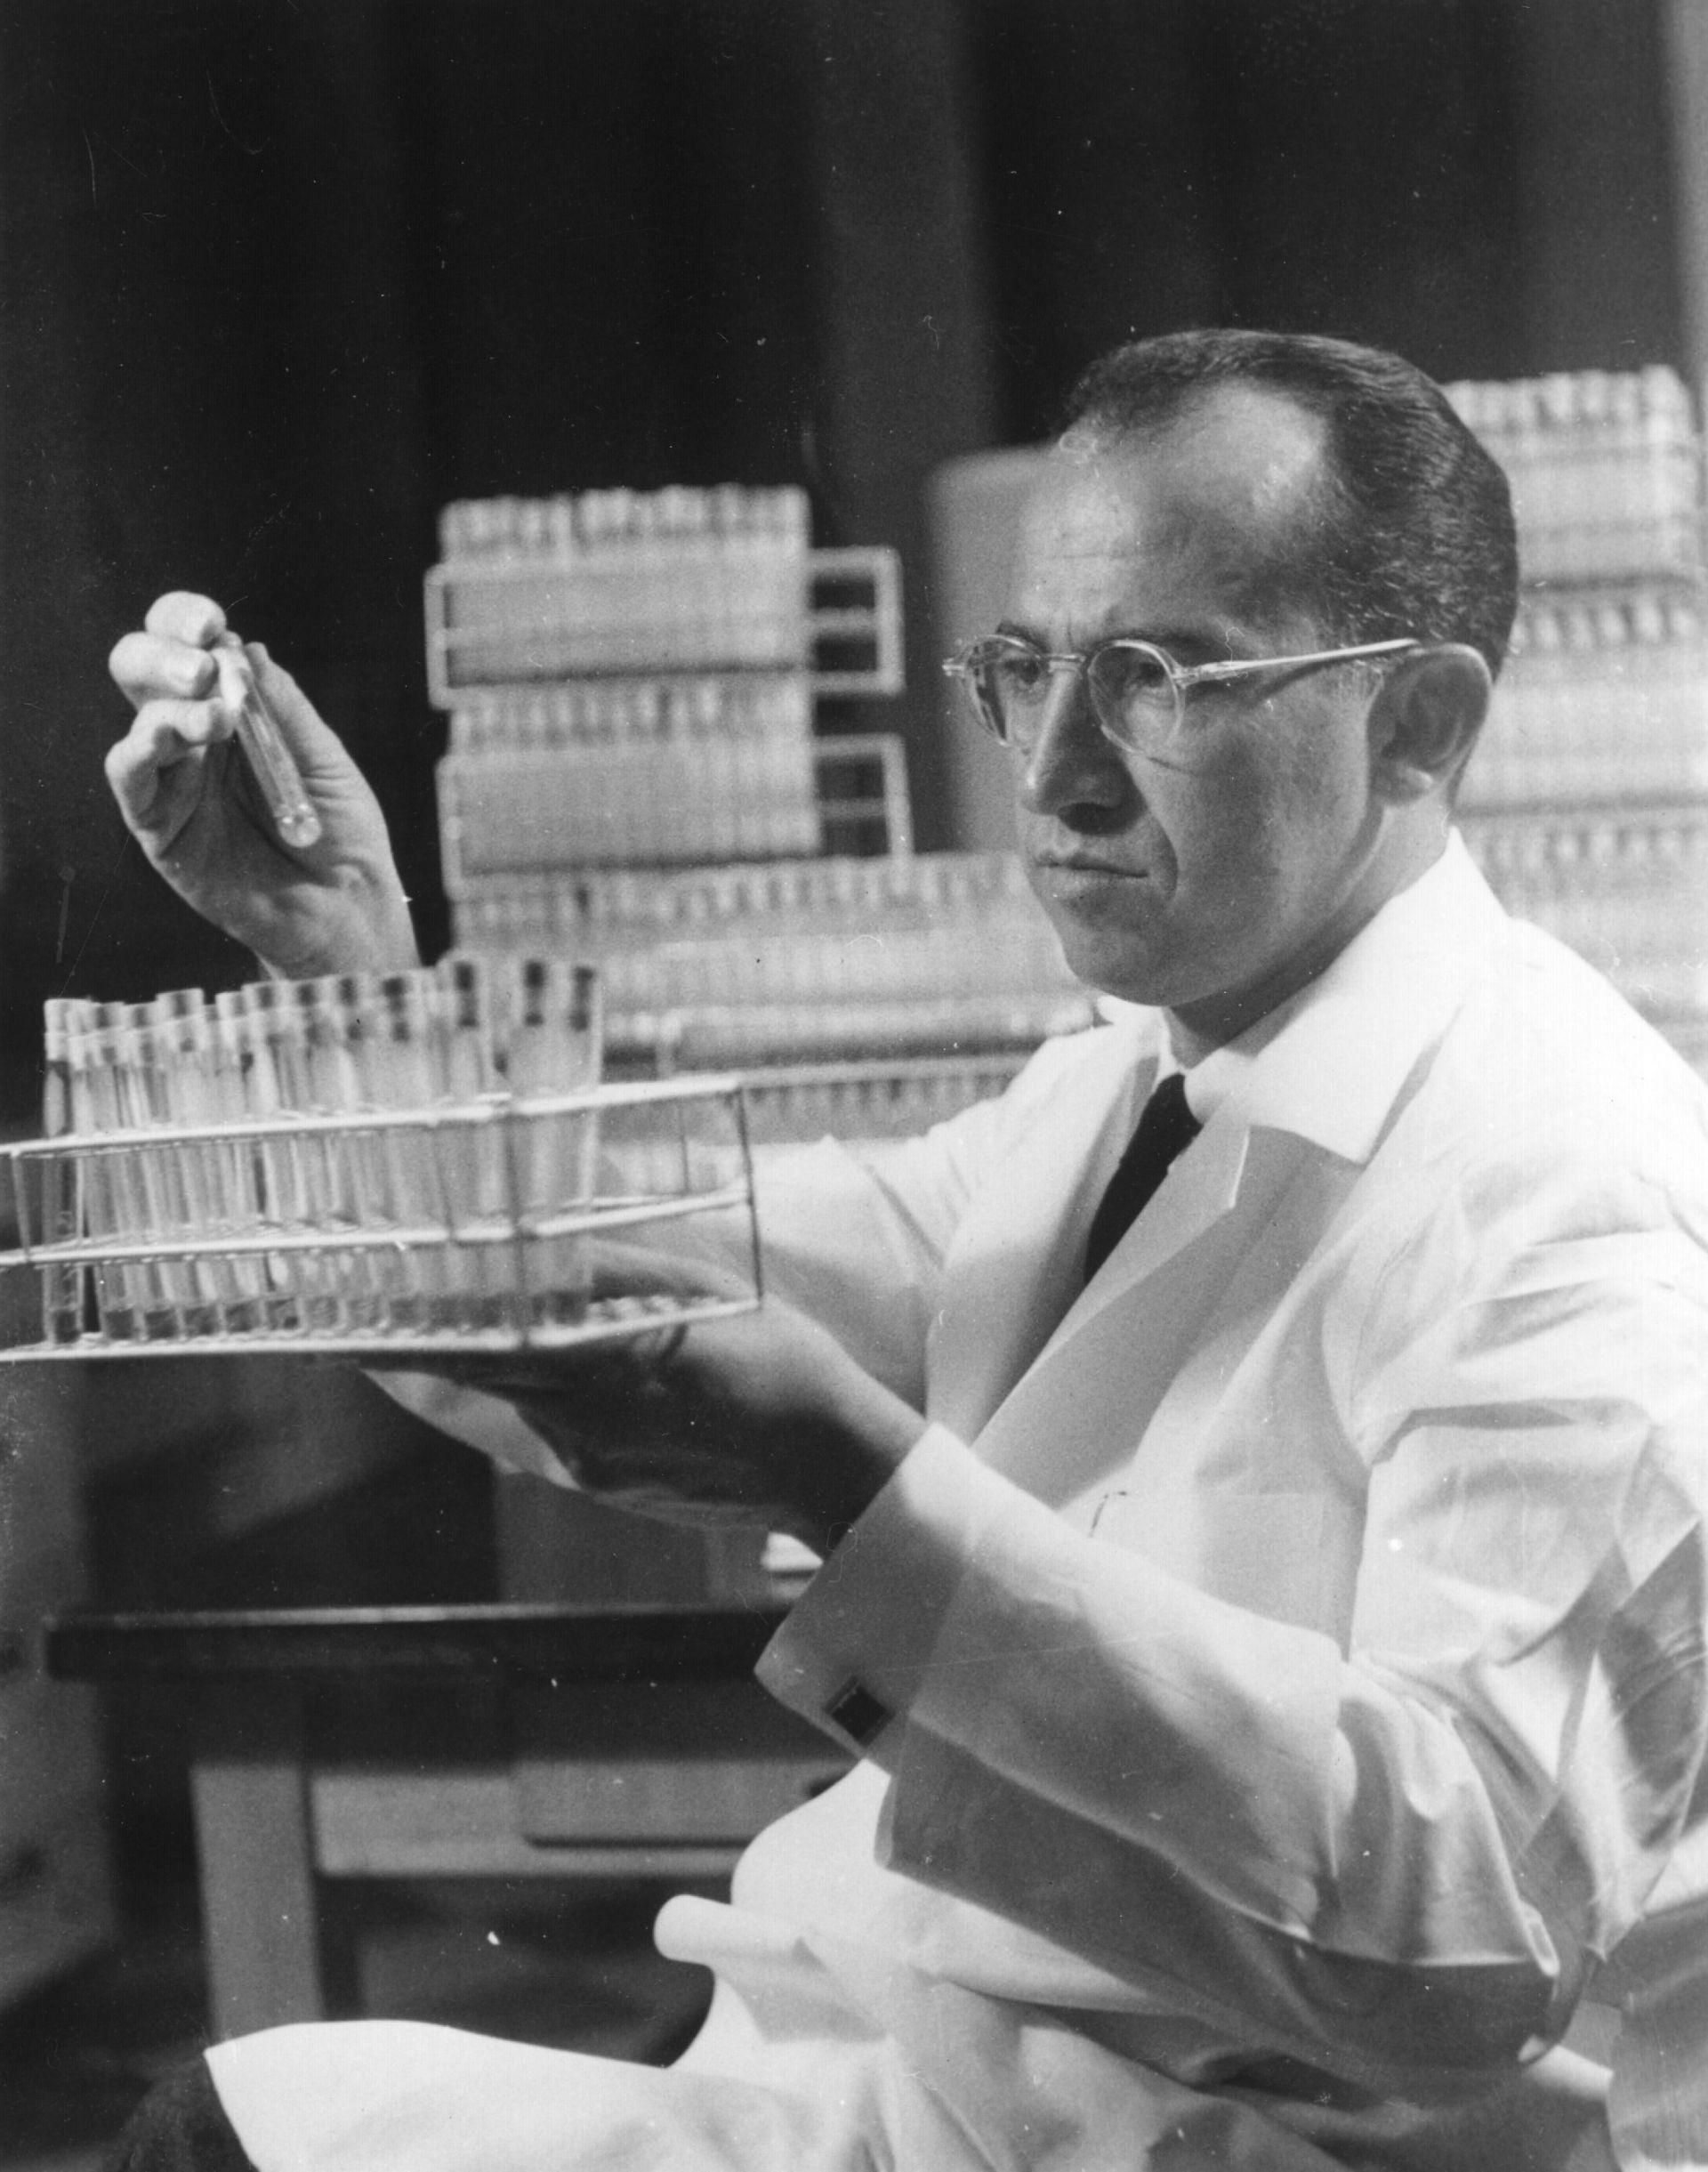 Лекарят толкова е вярвал в работата си, че експериментира ваксината върху себе си, жена си и трите им деца